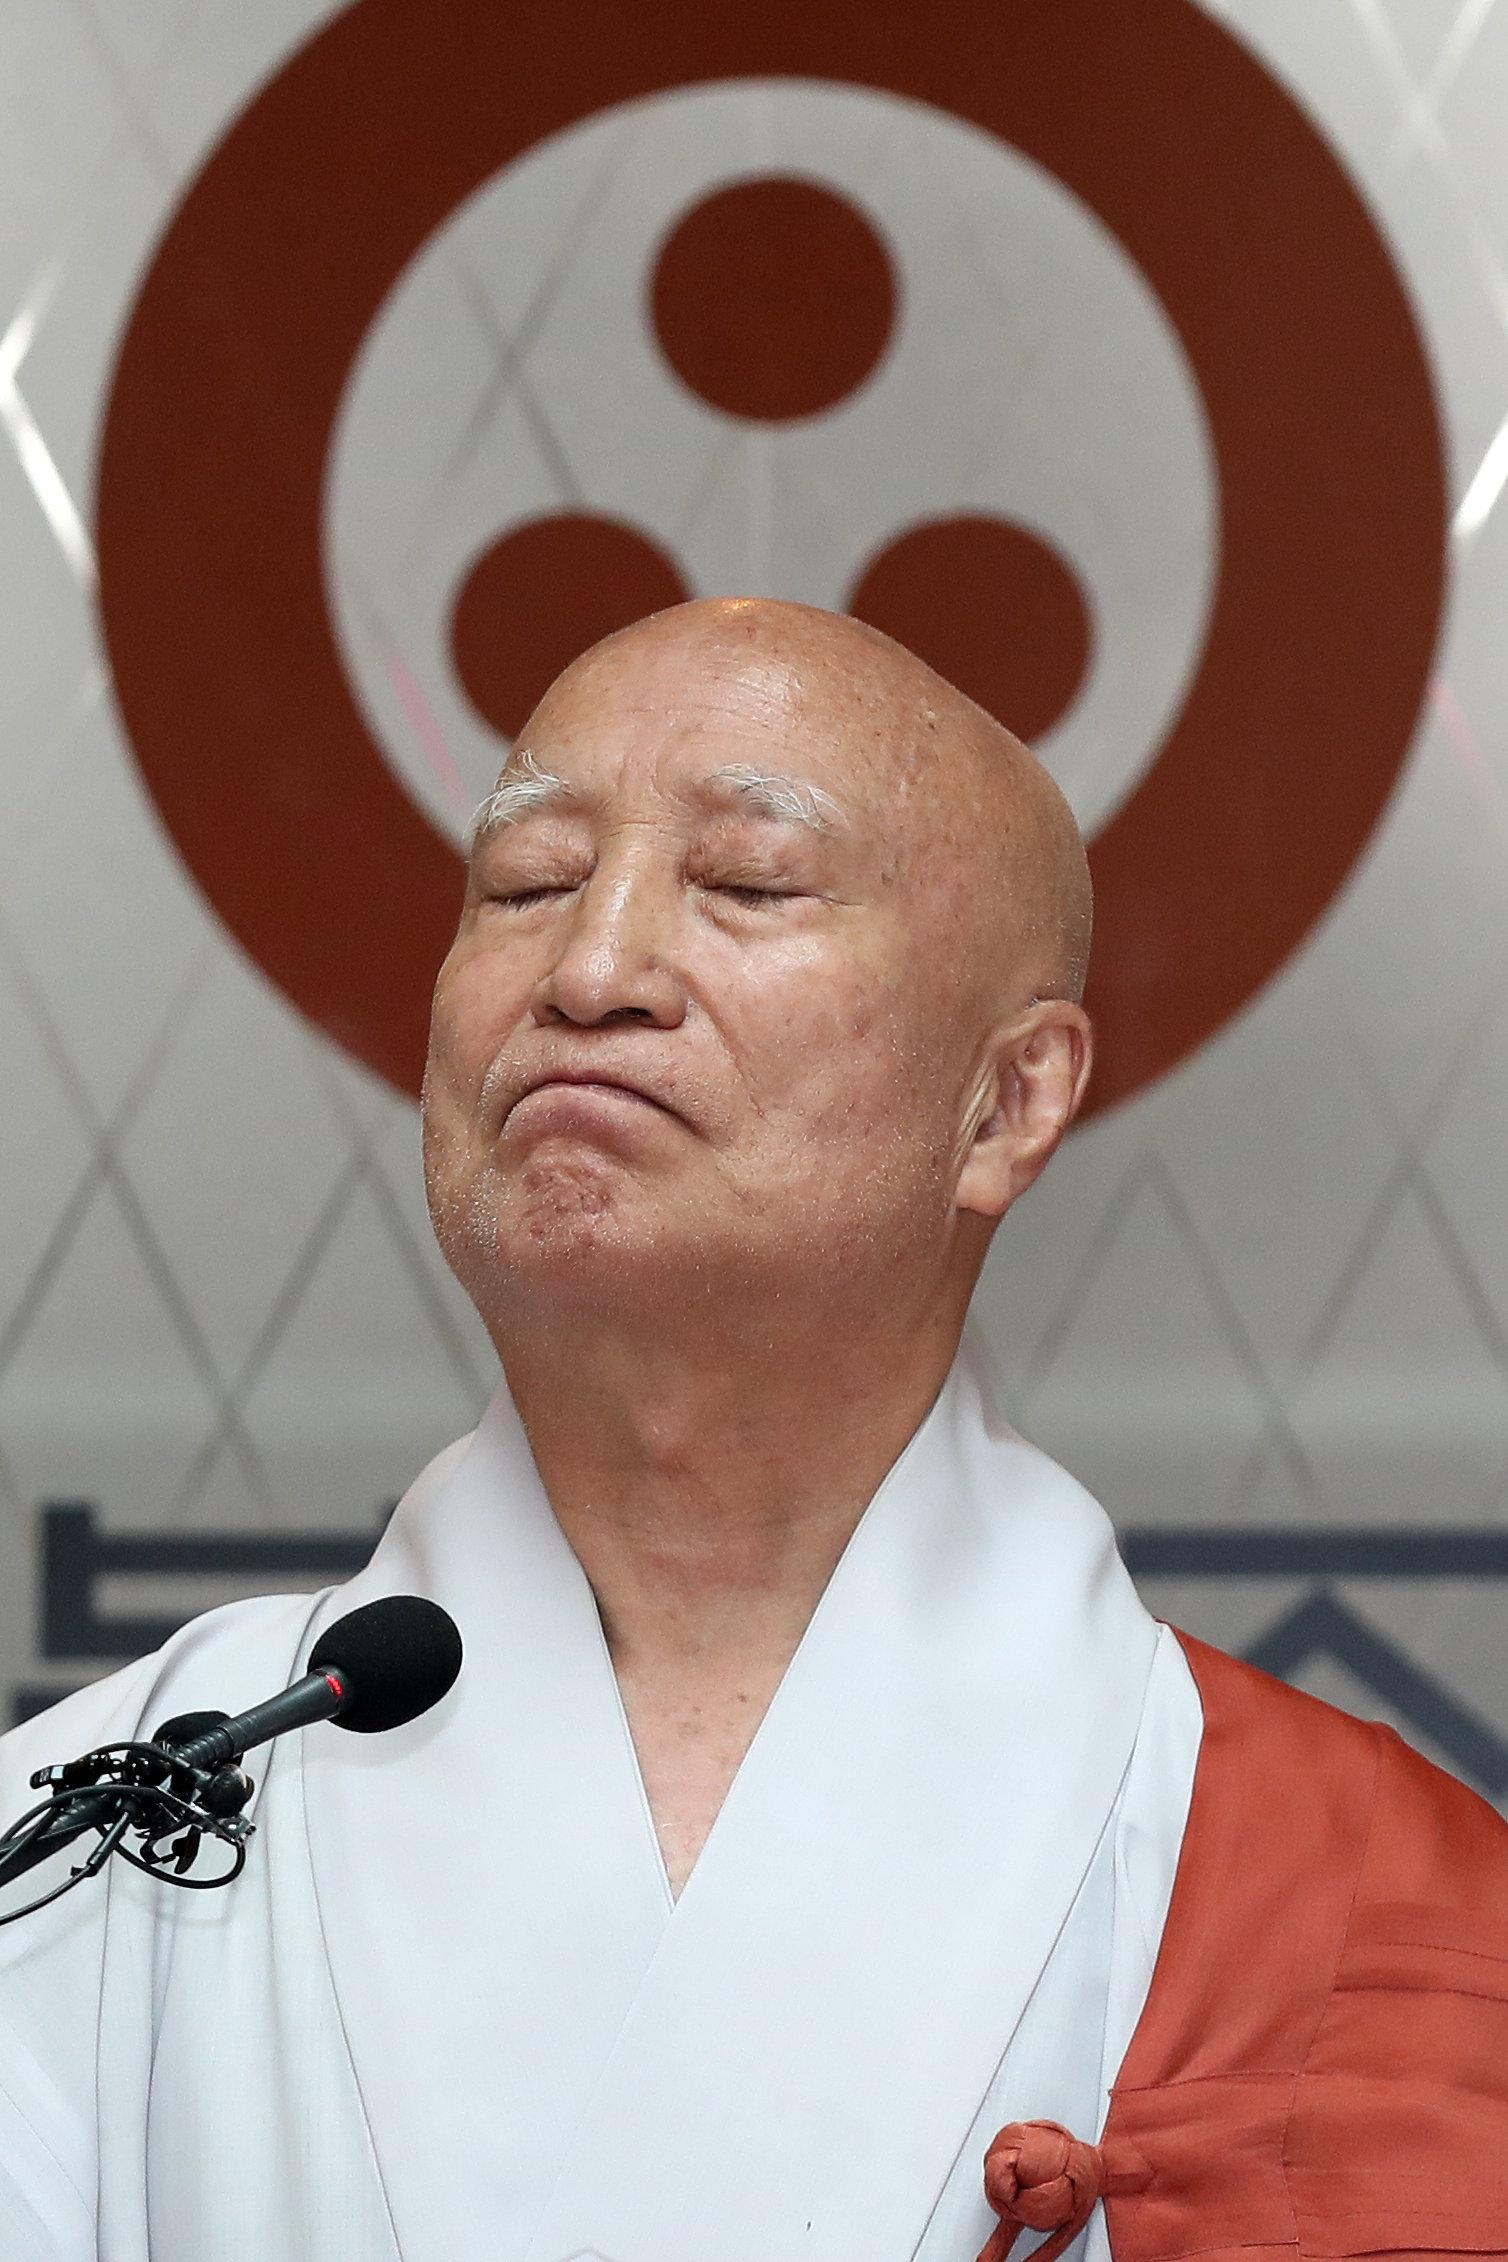 '친딸 의혹'으로 퇴진 요구 받아온 조계종 '큰 스님'의 최종